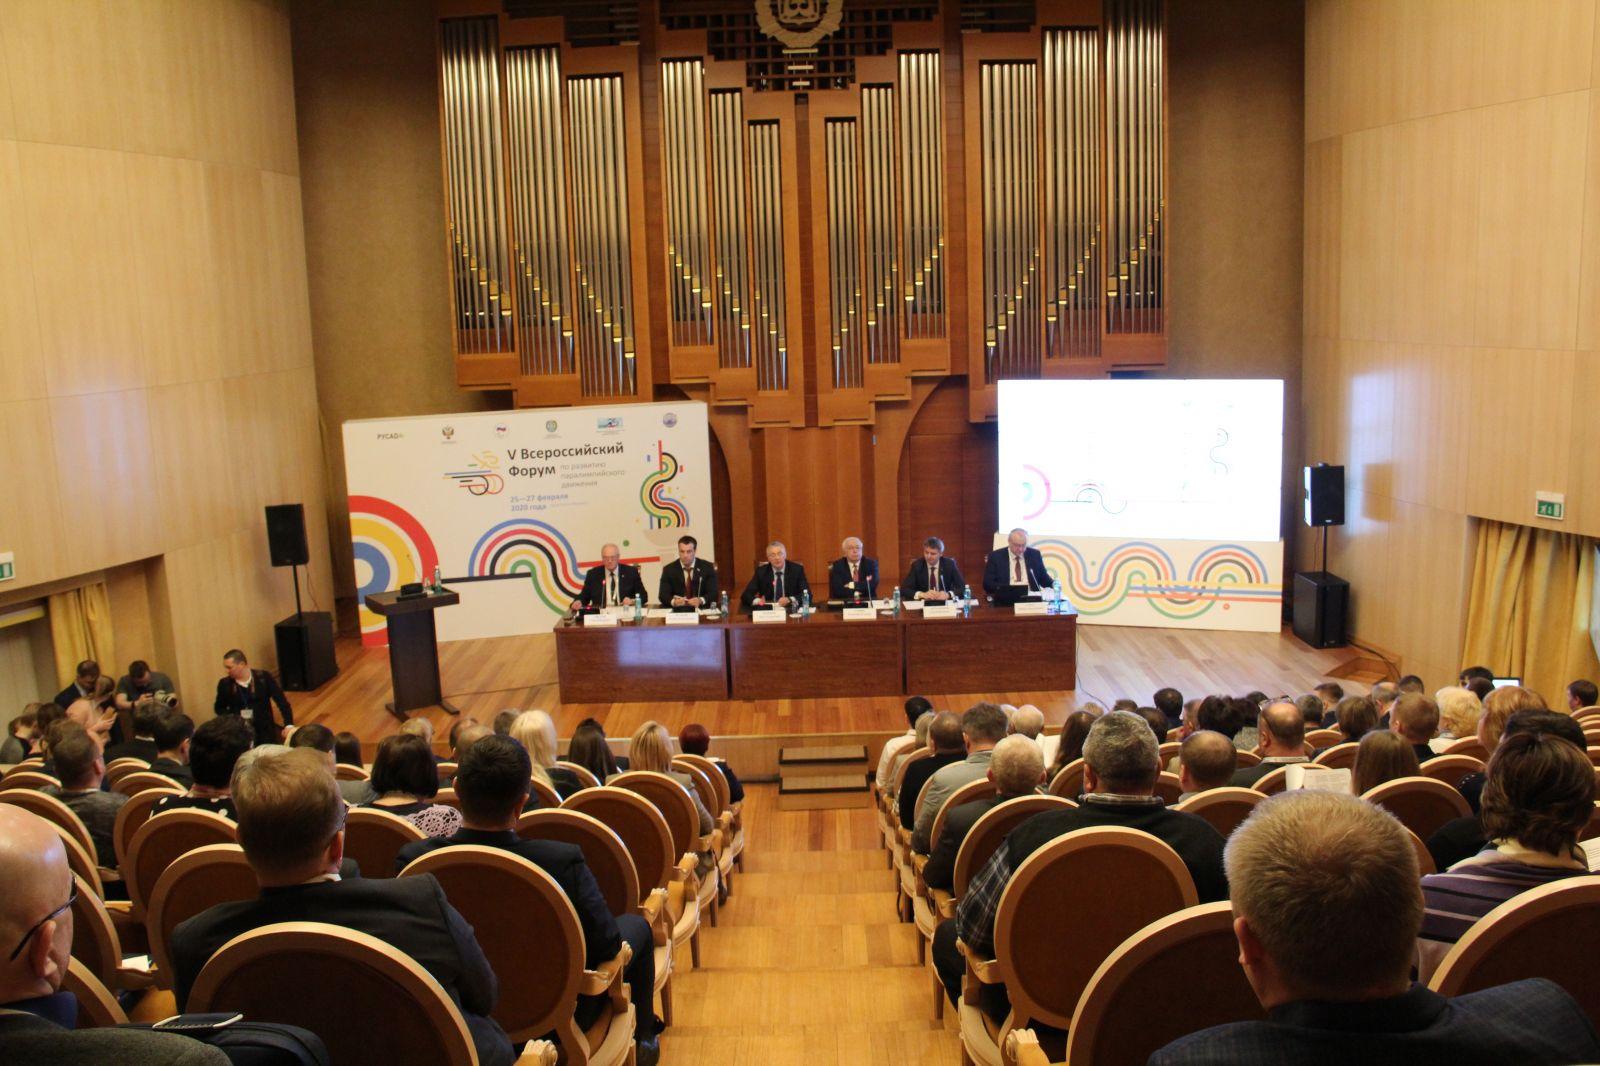 В столице Югры состоялась научно-практическая конференция по вопросам нормативного правового регулирования адаптивного спорта в России